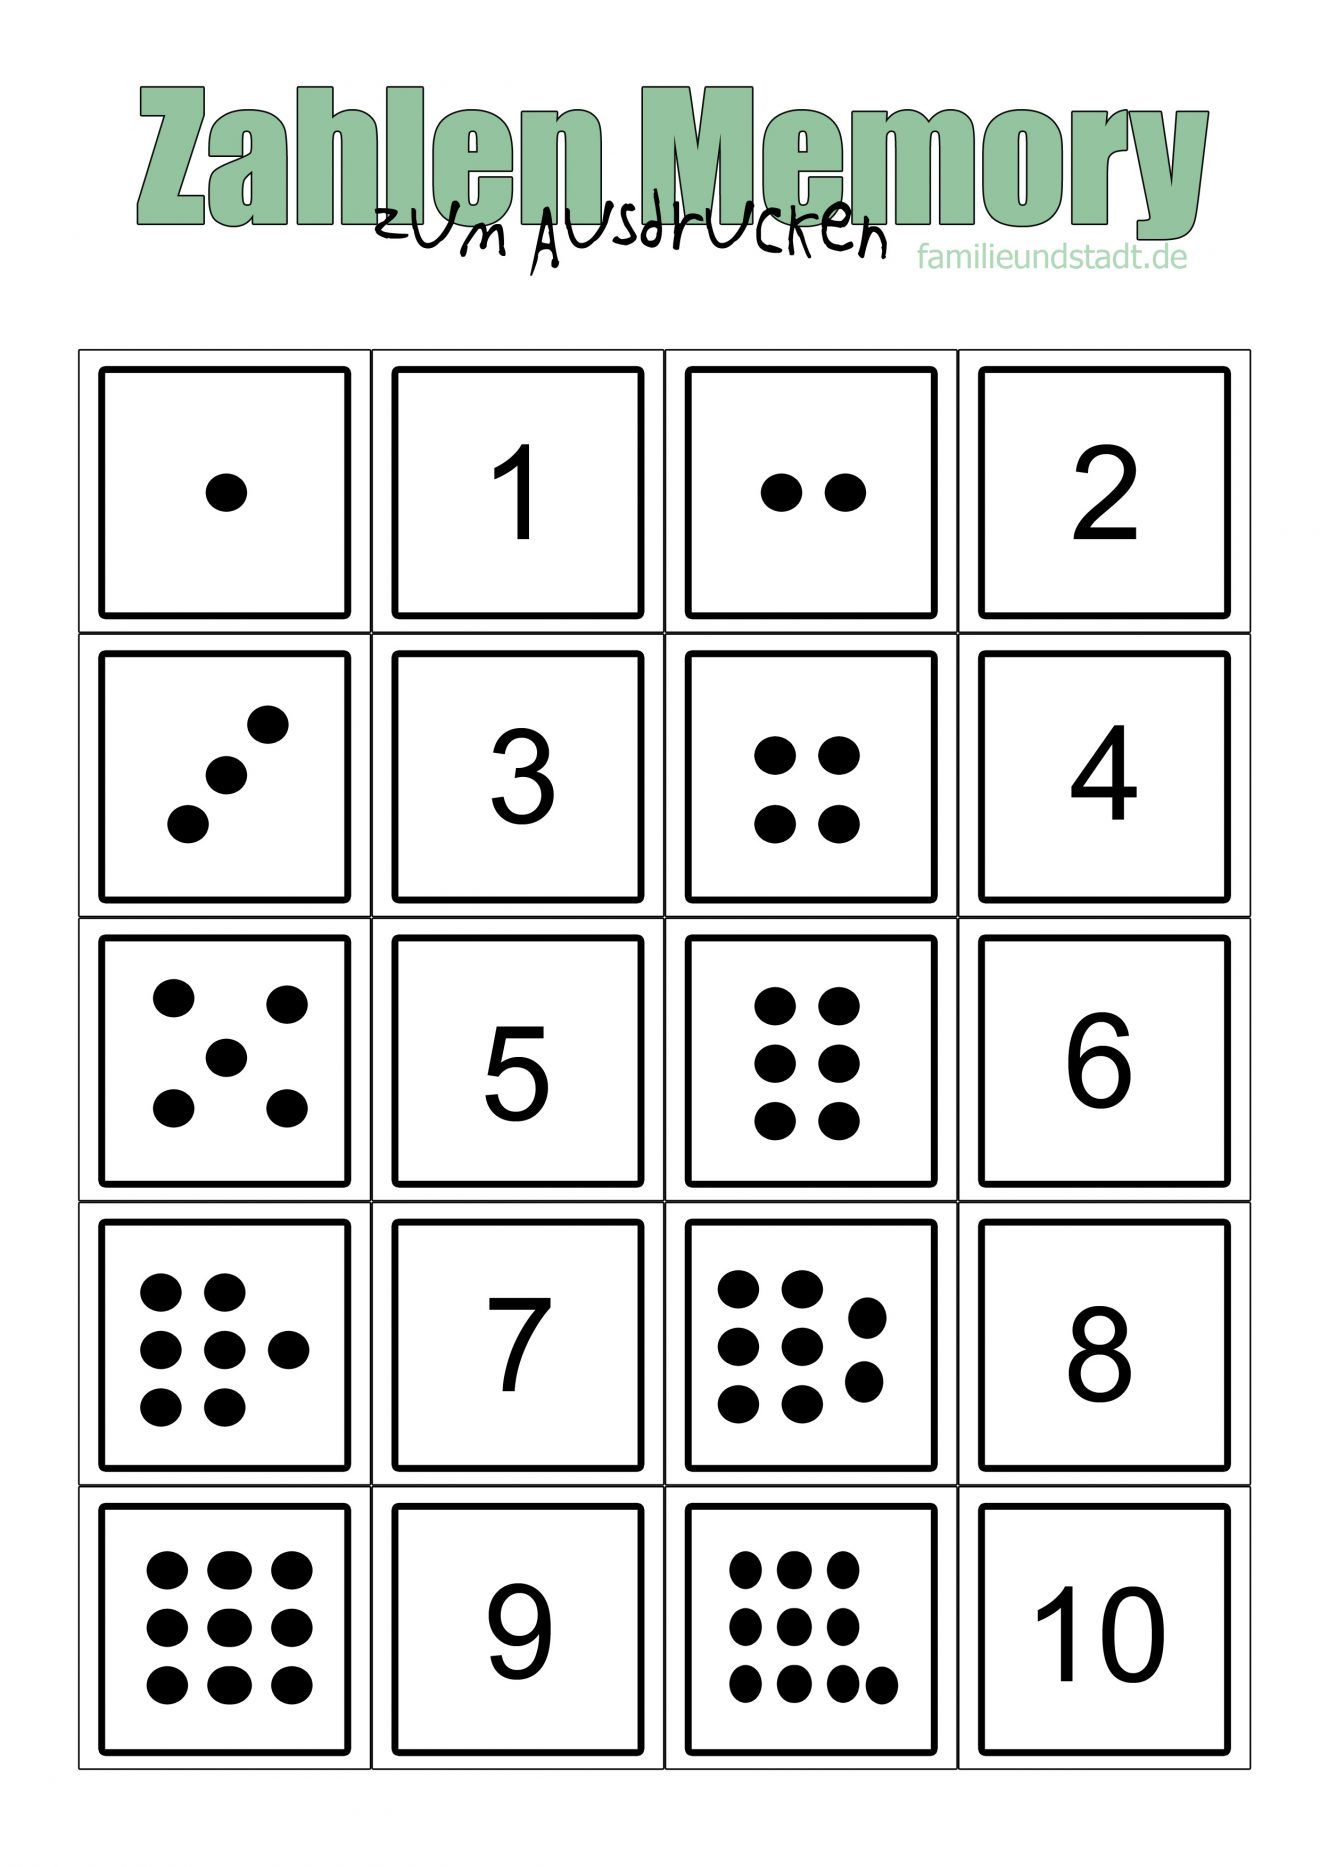 Zahlenmemory bis 10 selber basteln zum Ausdrucken | Pinterest ...